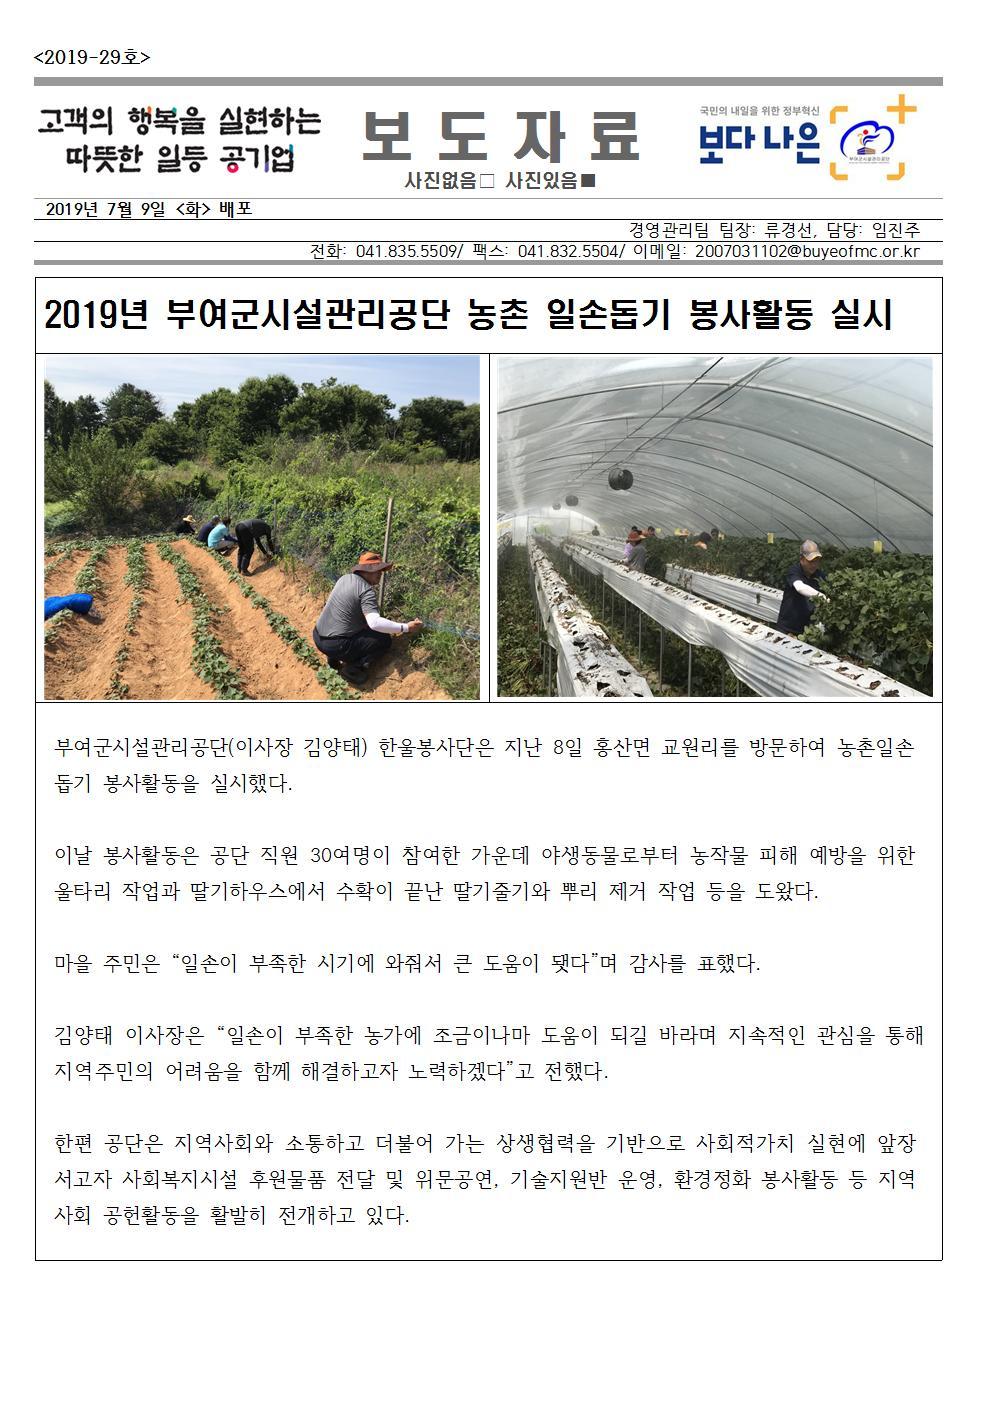 2019-29(경영관리팀)001.jpg